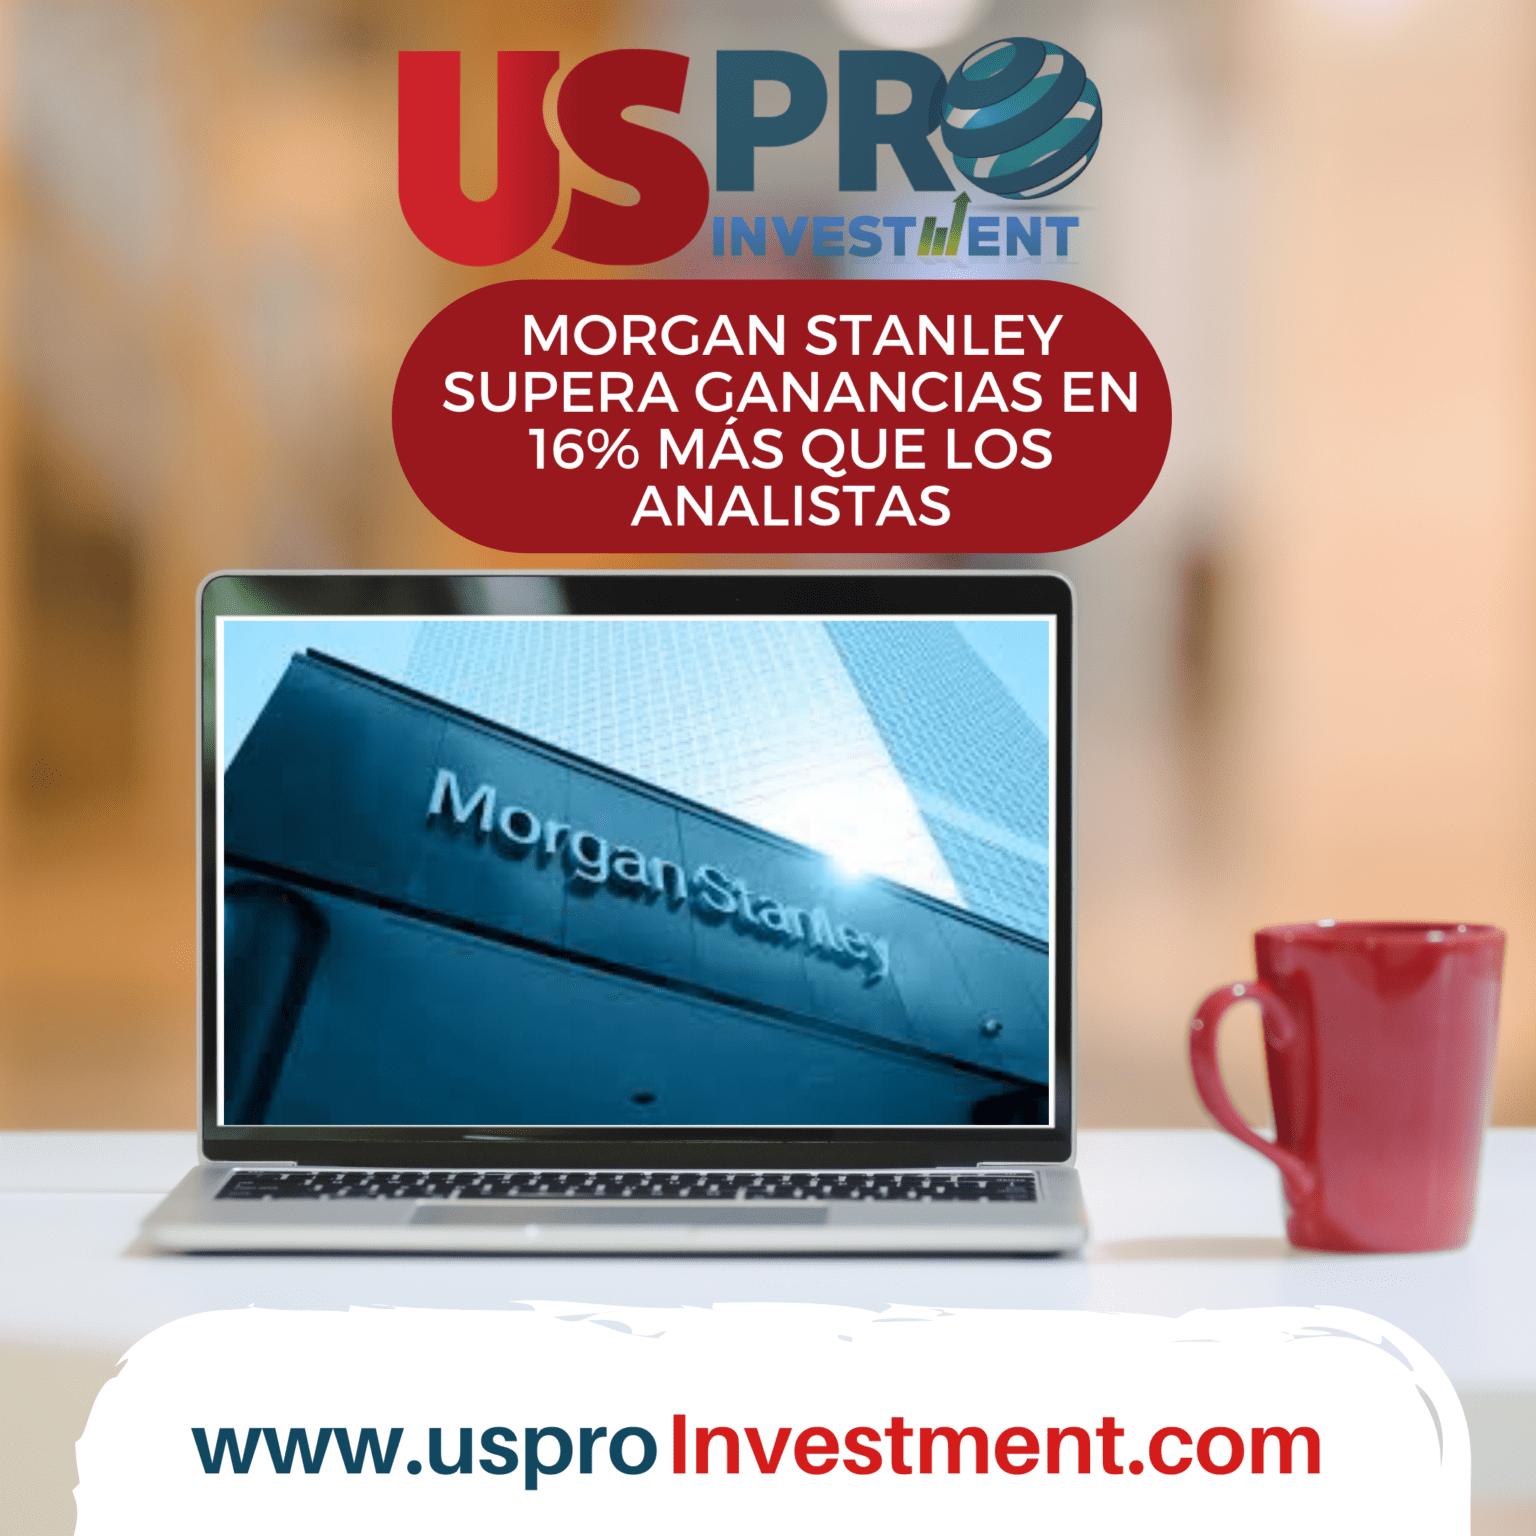 Morgan Stanley supera ganancias en 16% más que los analistas